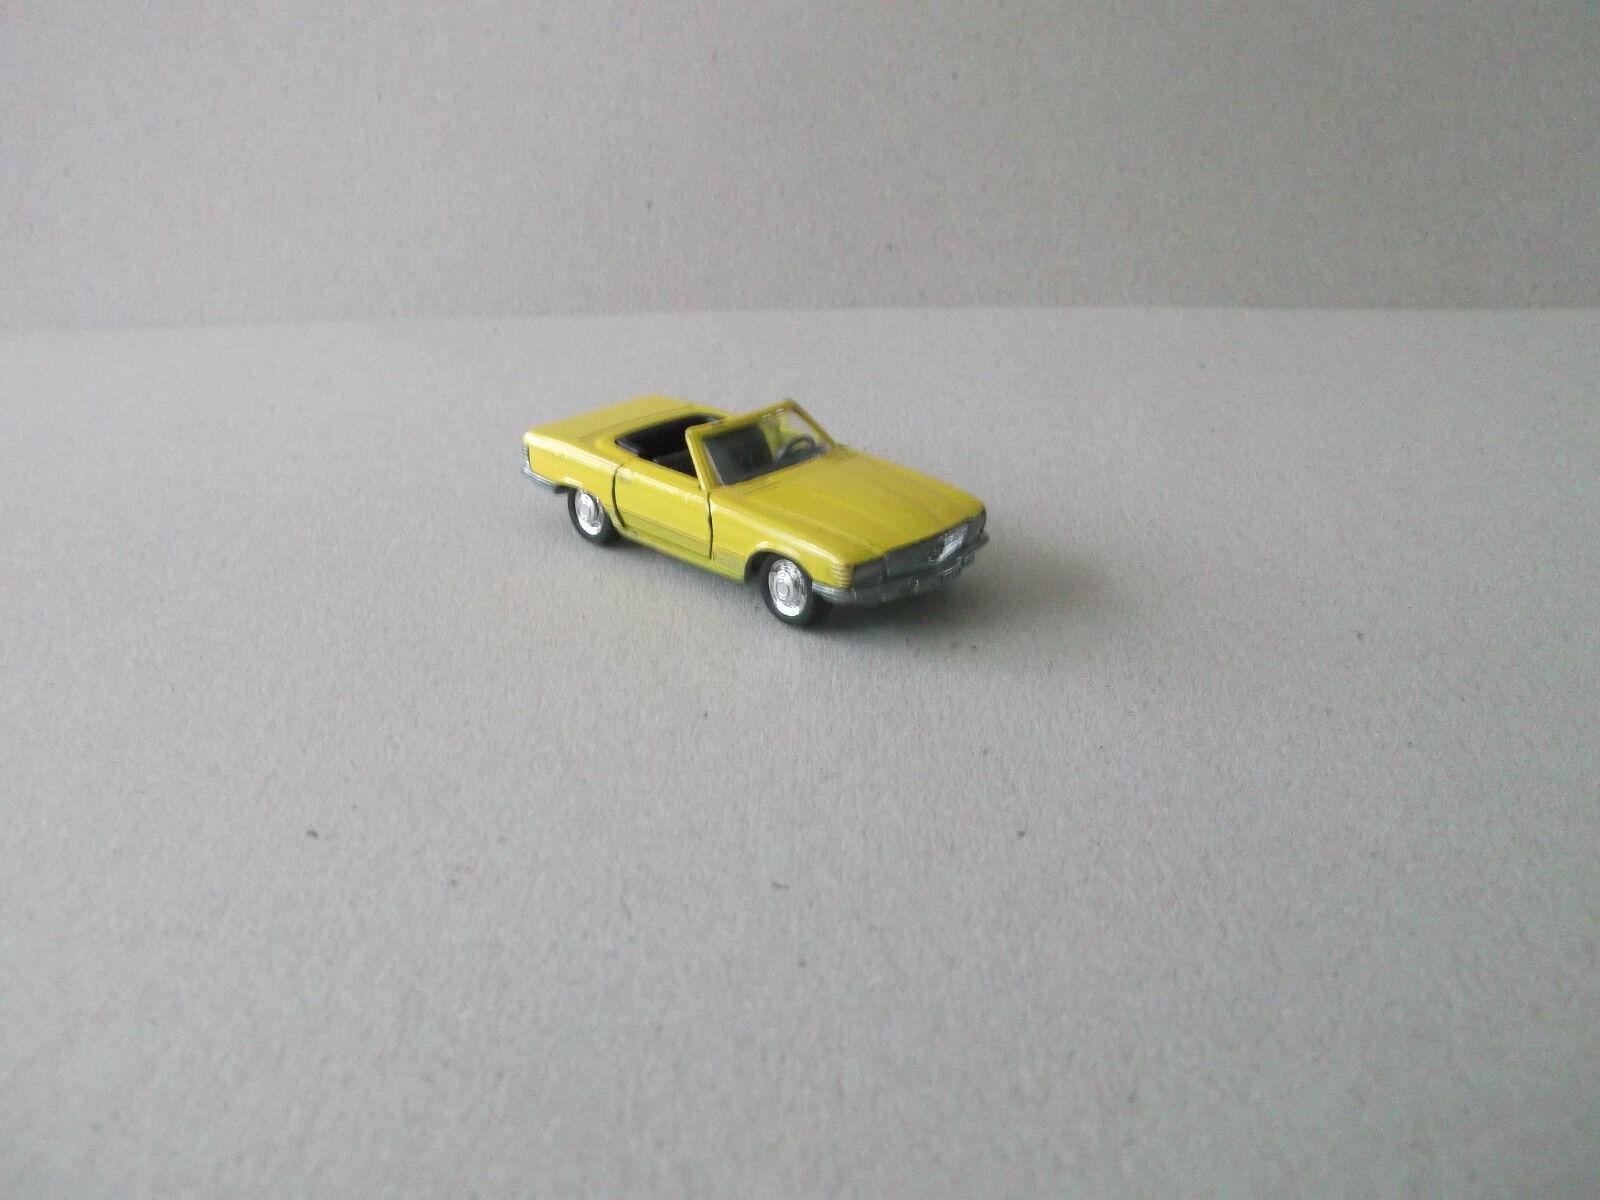 Schuco 1 66 mercedes 350 sl cabrio, nº 301844, giallo, rara vez